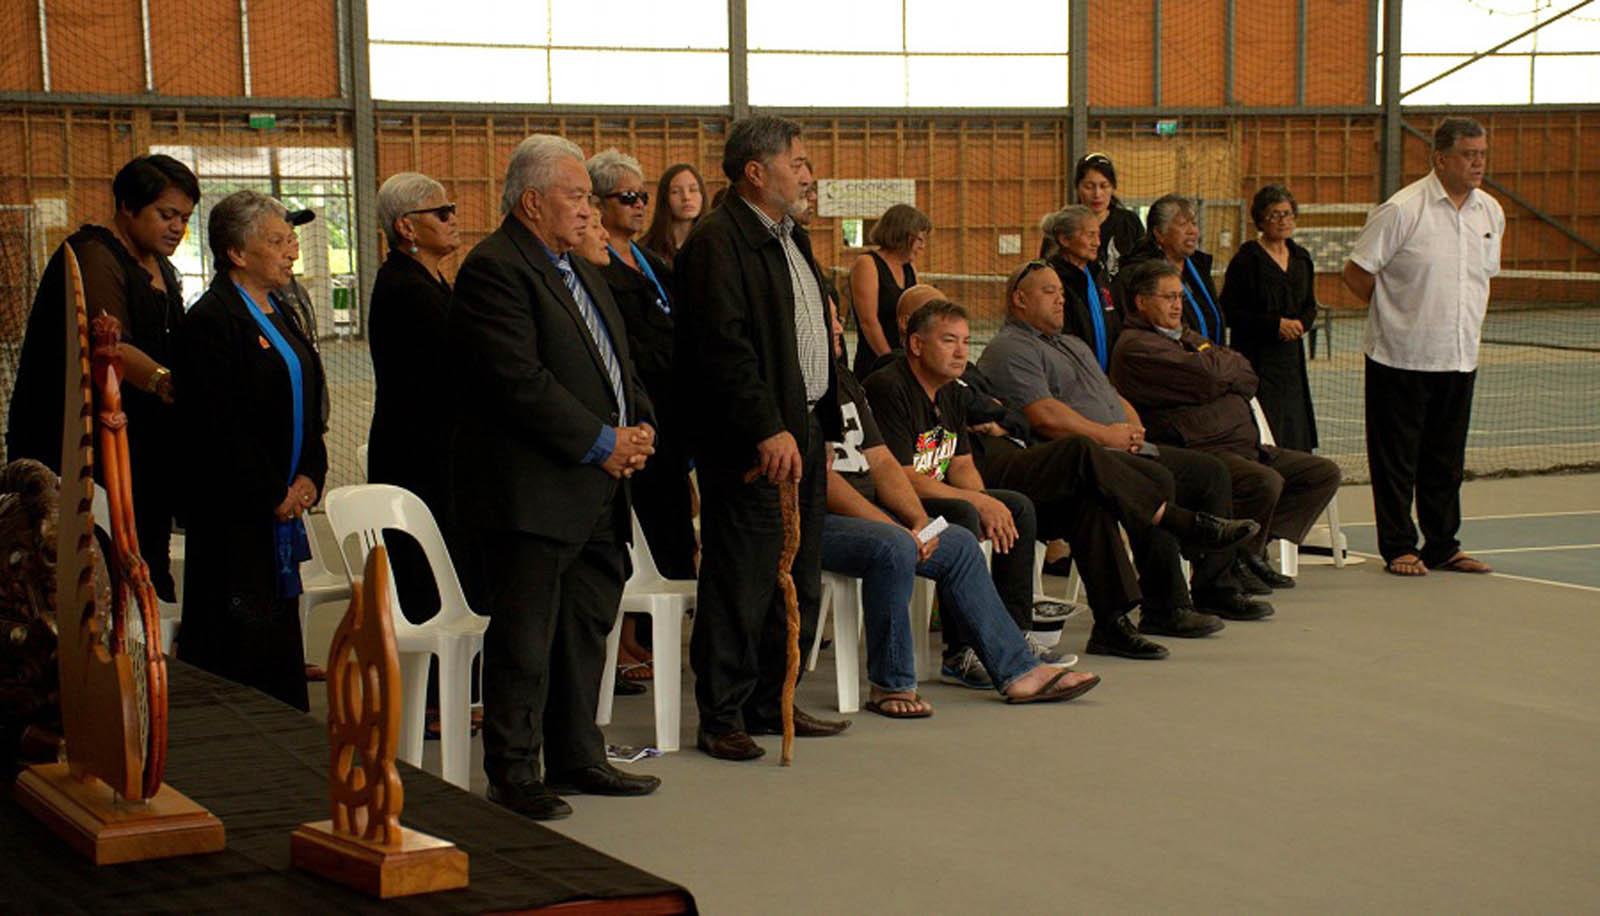 2016 AMTA Kahu Ariki & Tainui Waikato members